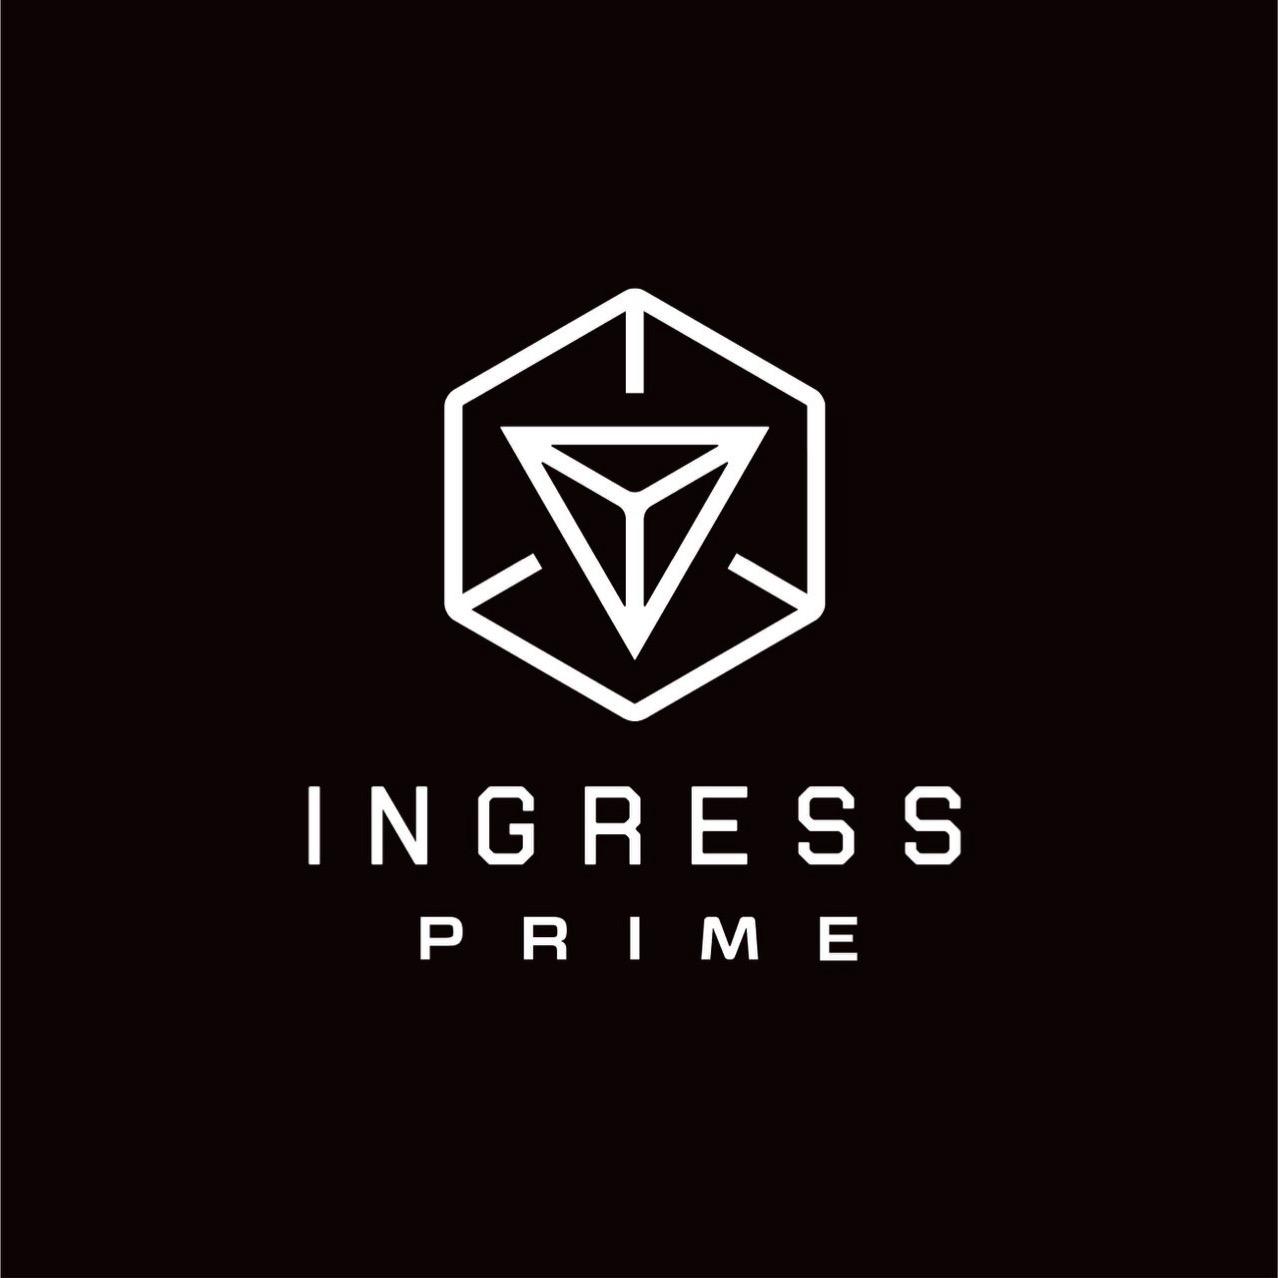 「Ingress Prime」Ingressの次世代版が発表!2018年にリリースへ